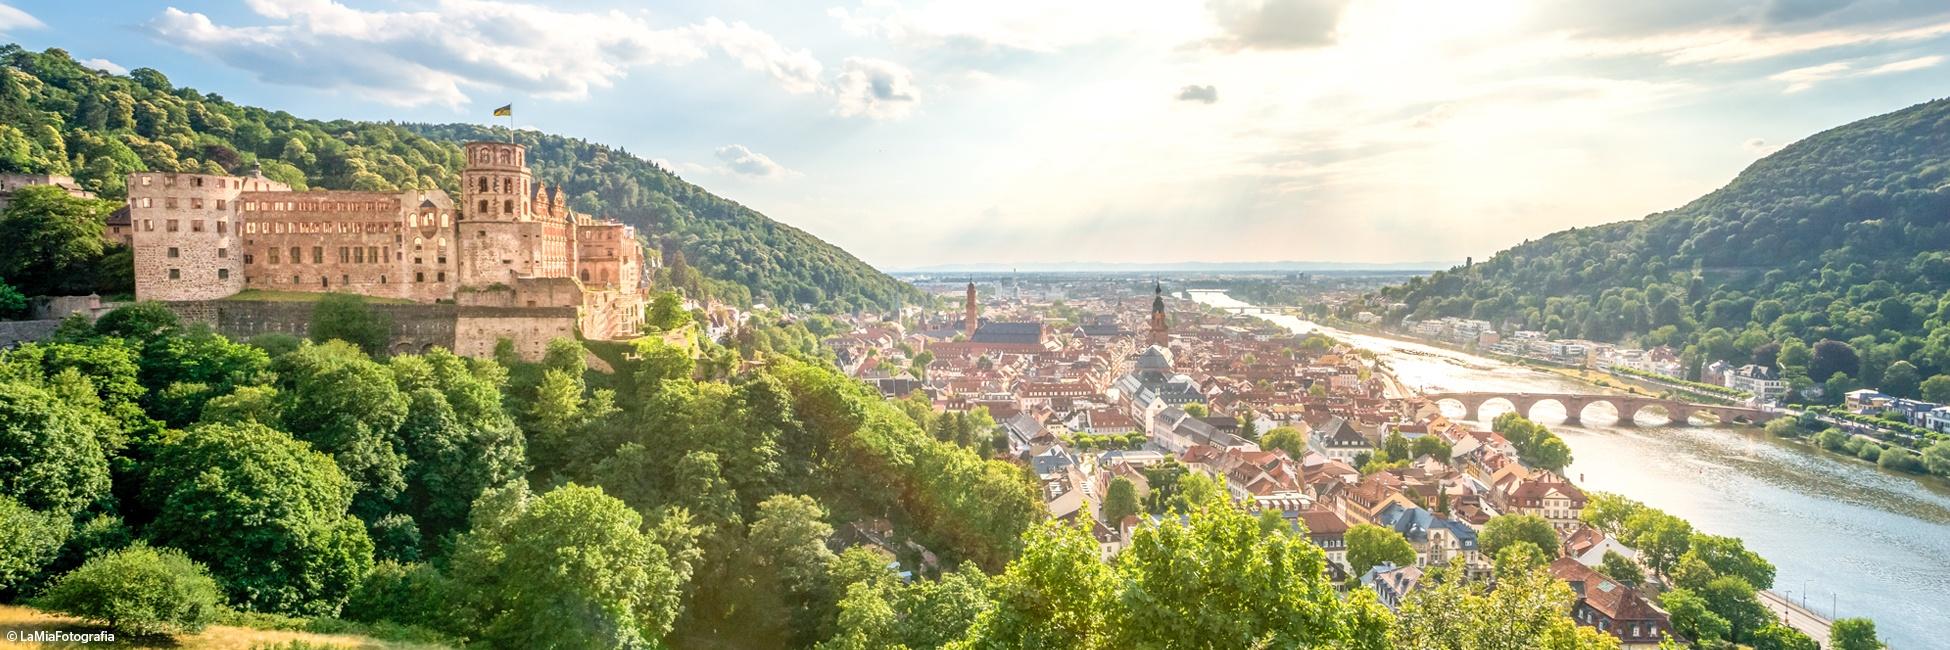 Heidelberg, ville rhénane en Allemagne